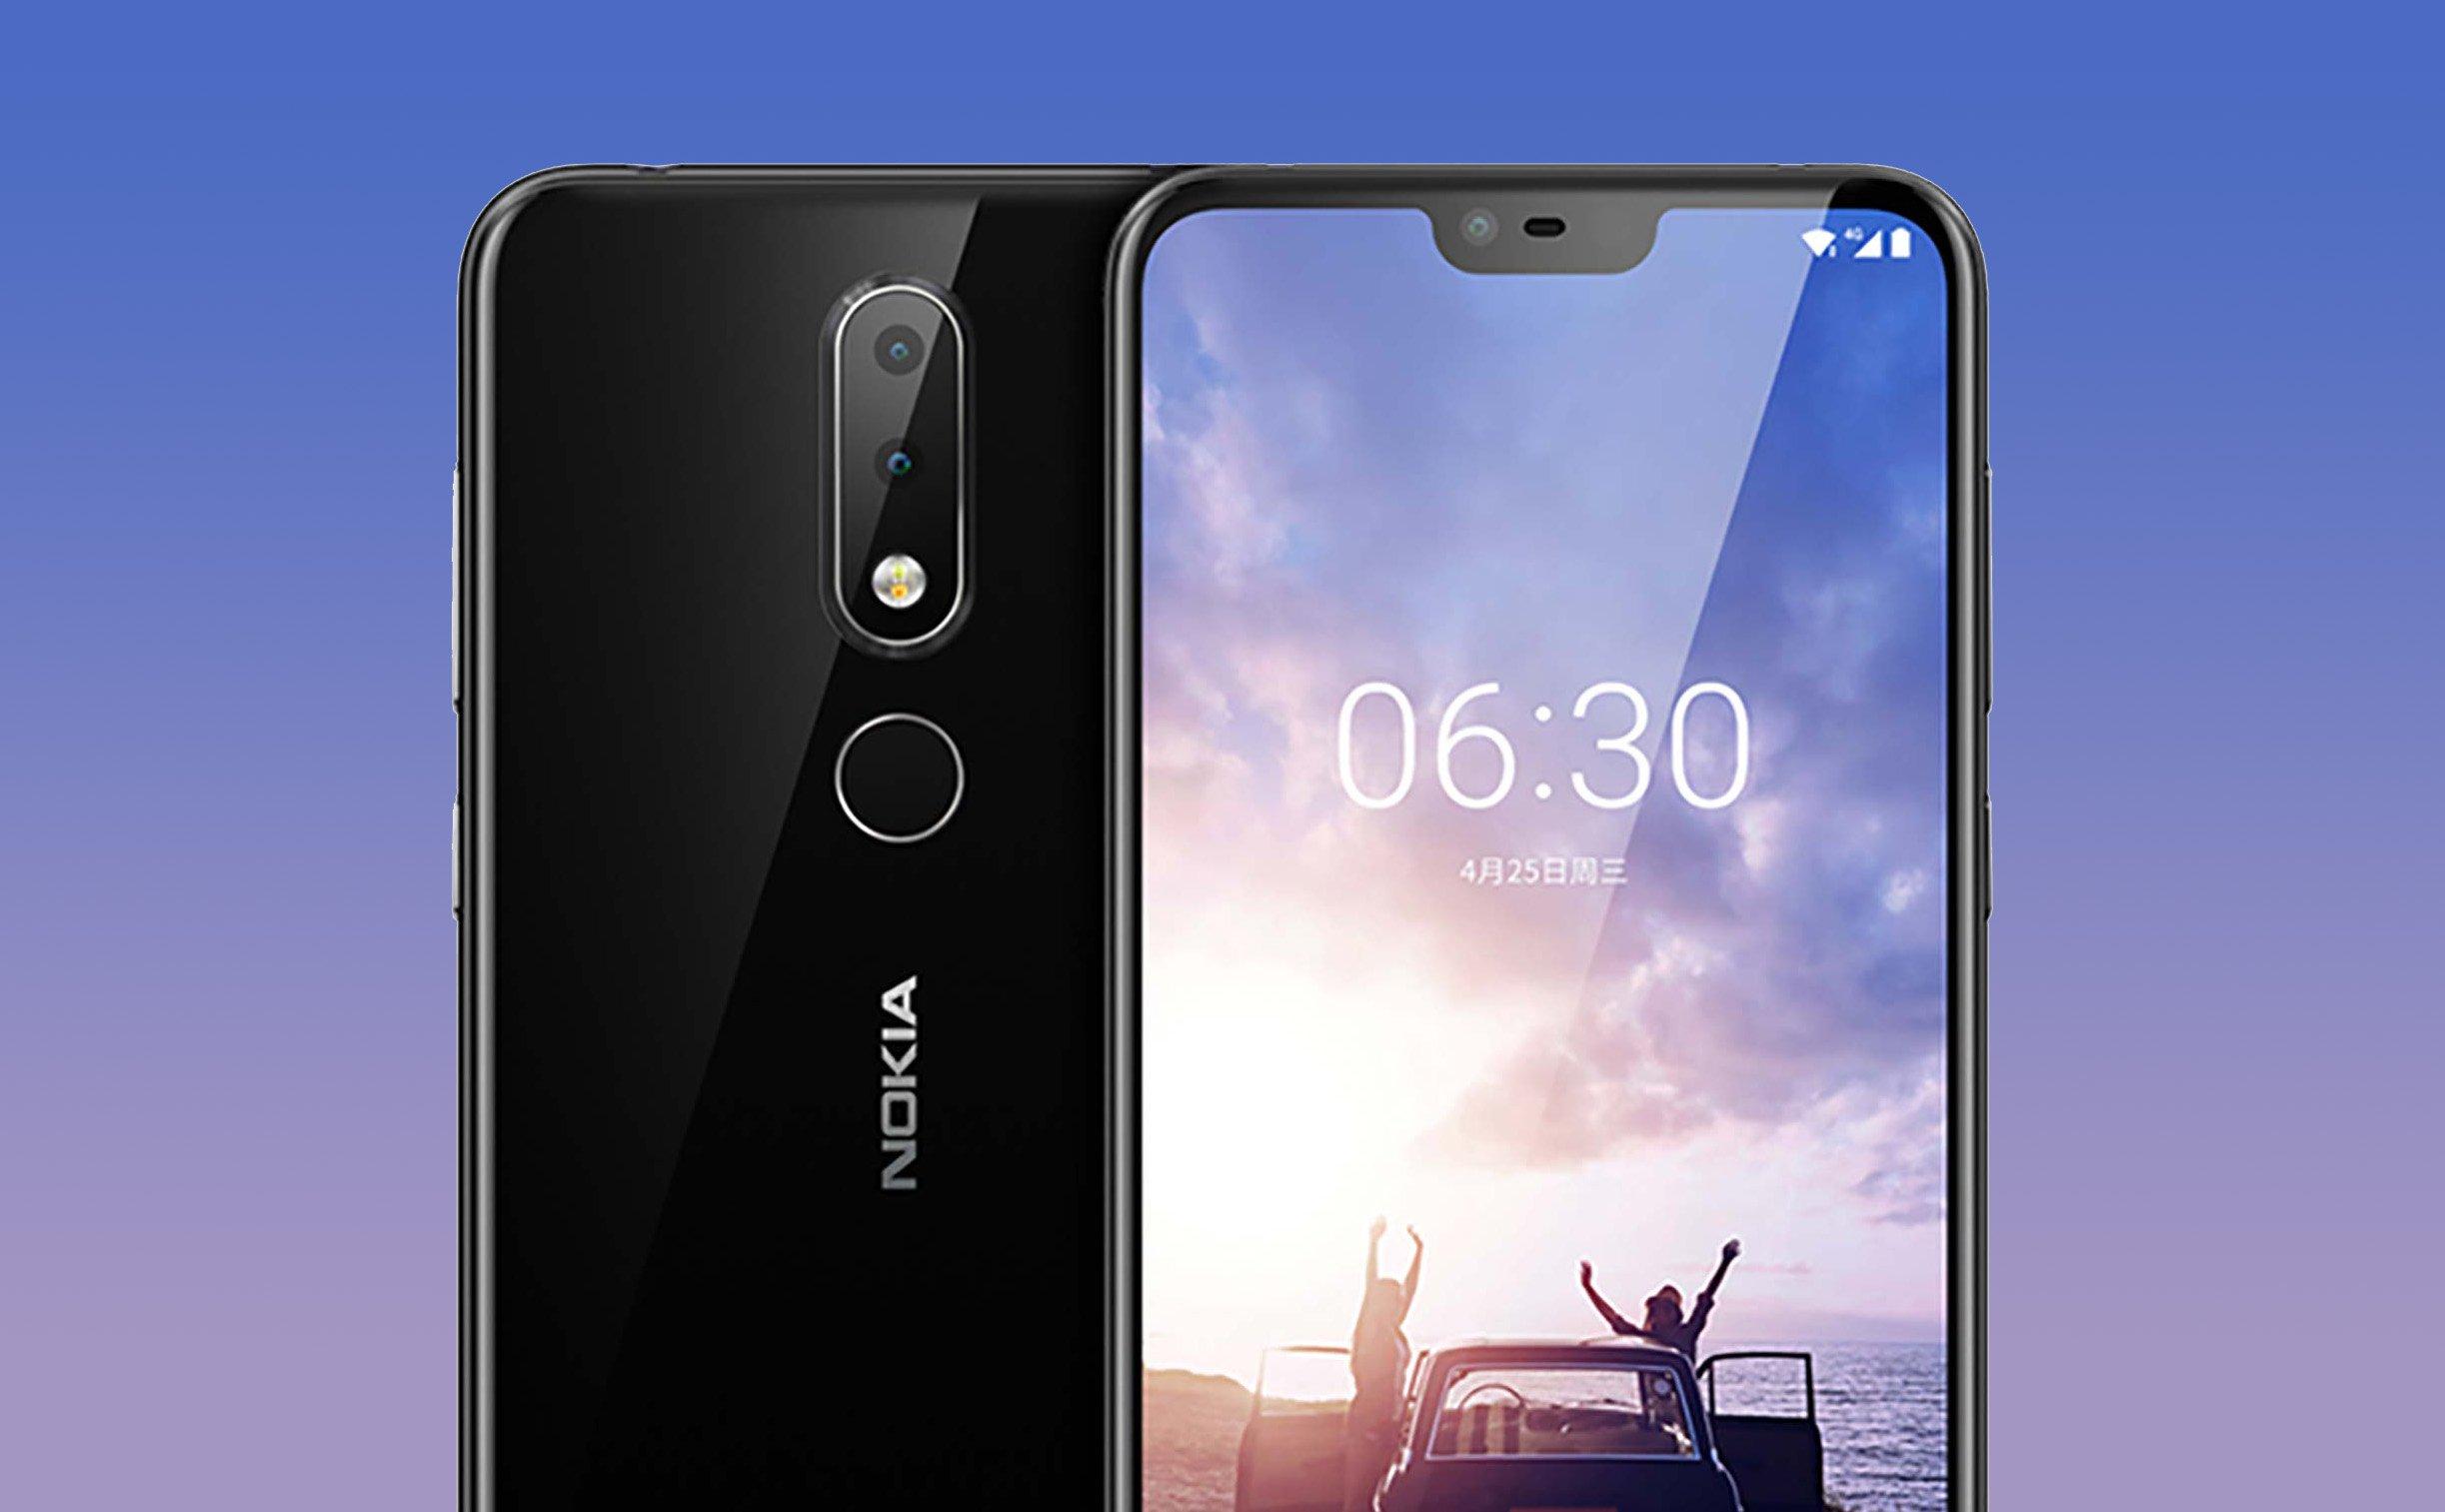 Nokia X6 cháy hàng tại Trung Quốc chỉ sau 10 giây mở bán với giá gần 200 USD